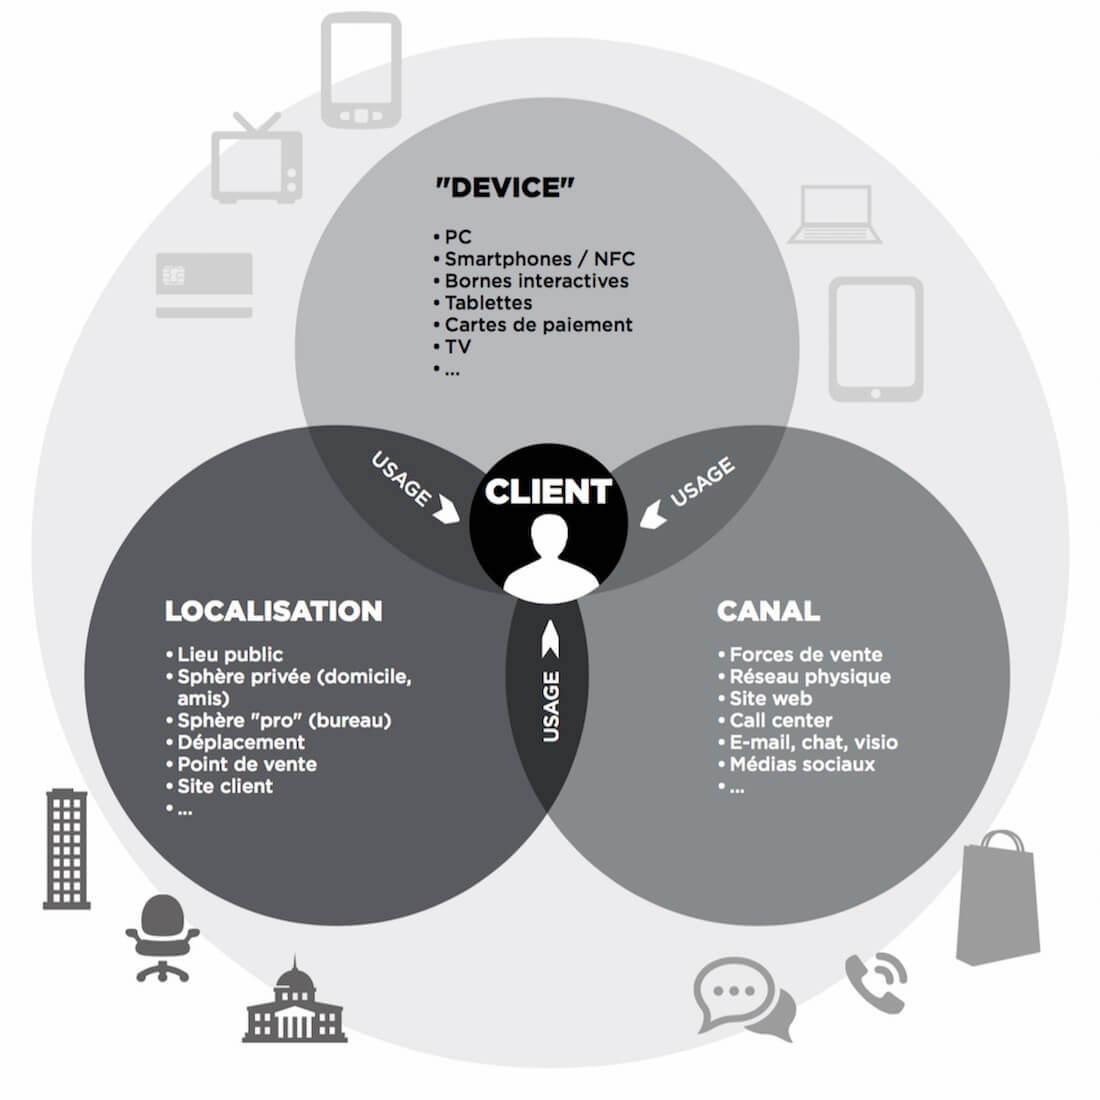 Baromètre intimité client - CSC, Challenges et TNS Sofres 2013